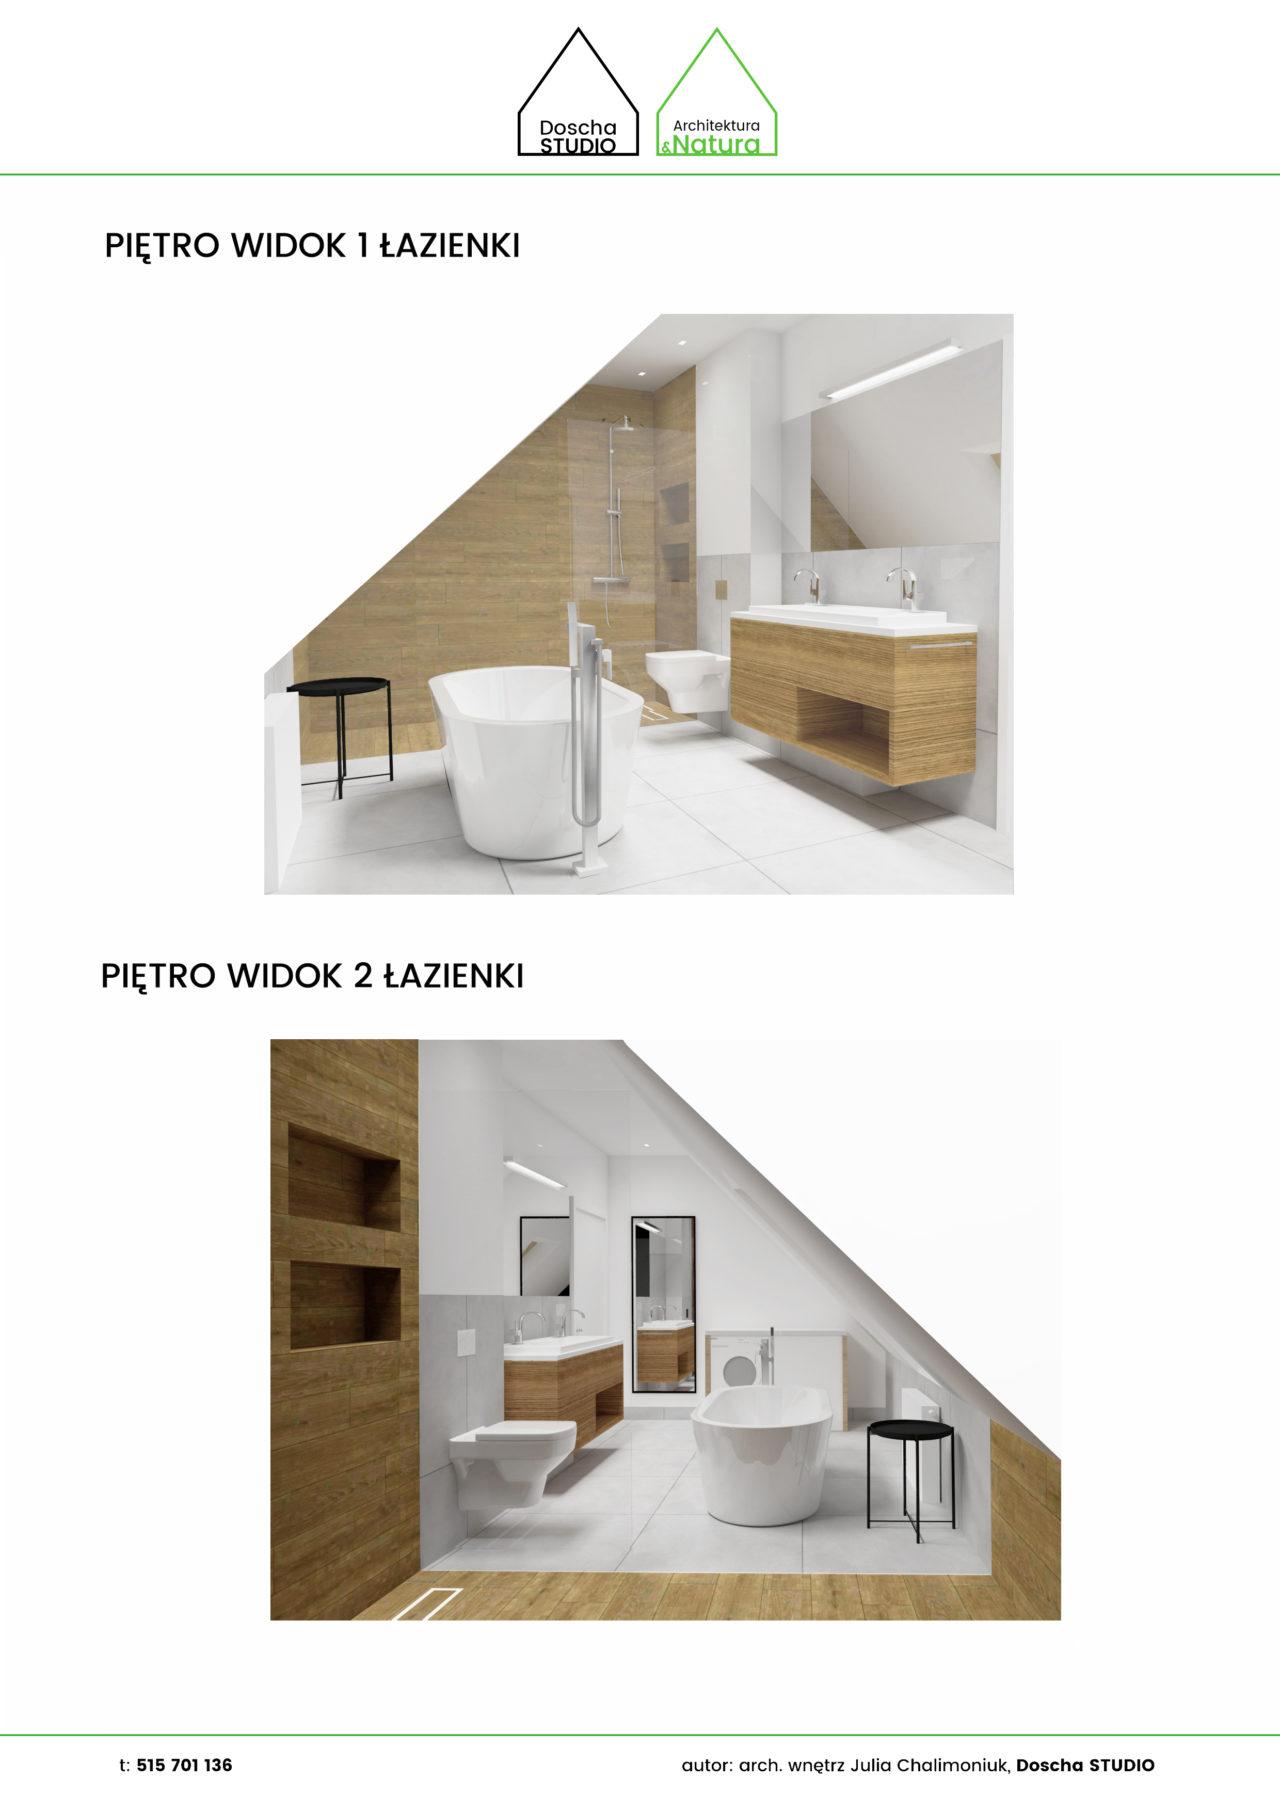 Łazienka na poddaszu z wolnostojącą wannąprojektowanie wnętrz: Doscha STUDIO Julia Chalimoniuk